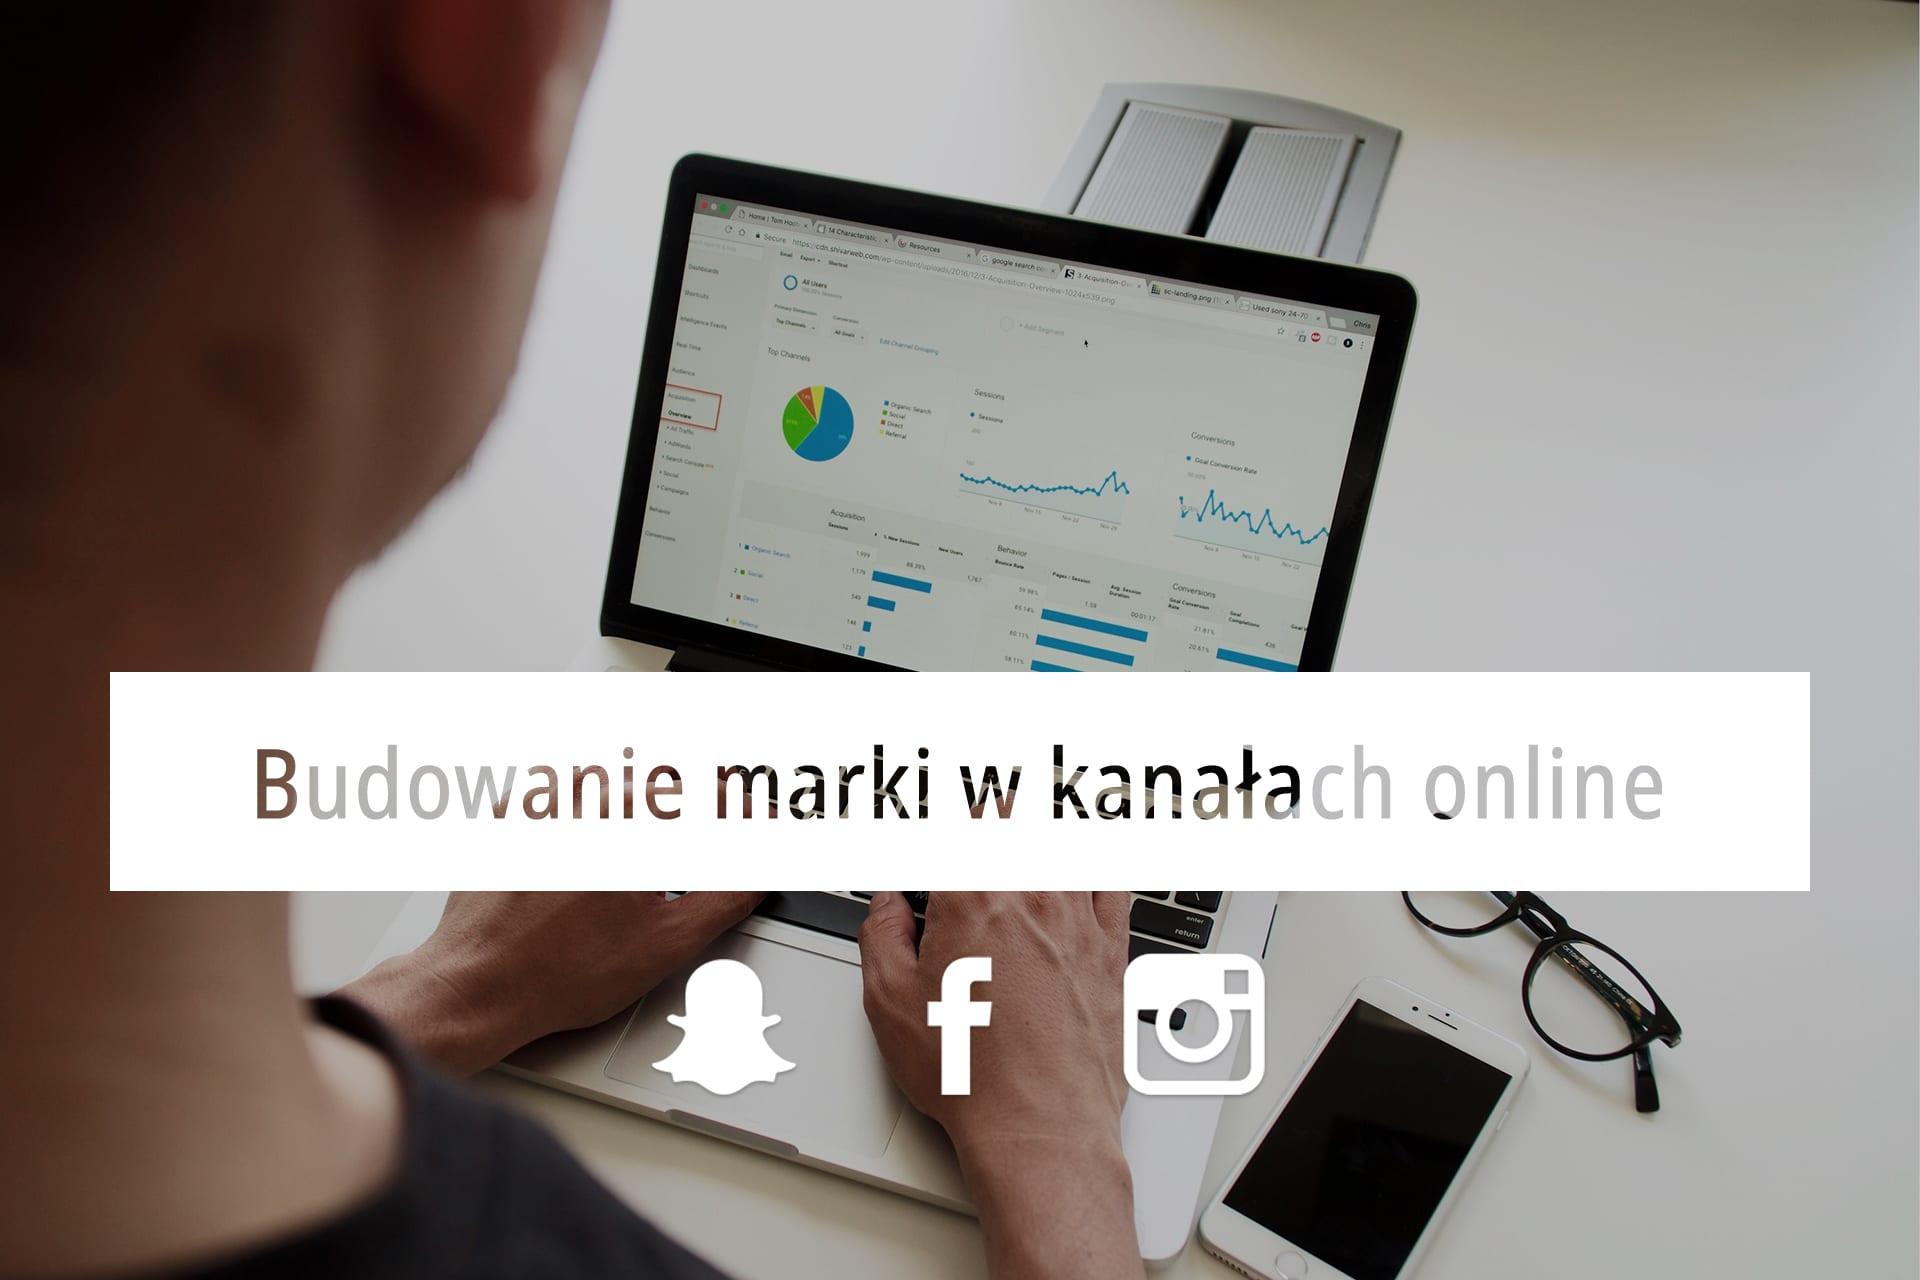 Sposoby na budowanie marki w kanałach online